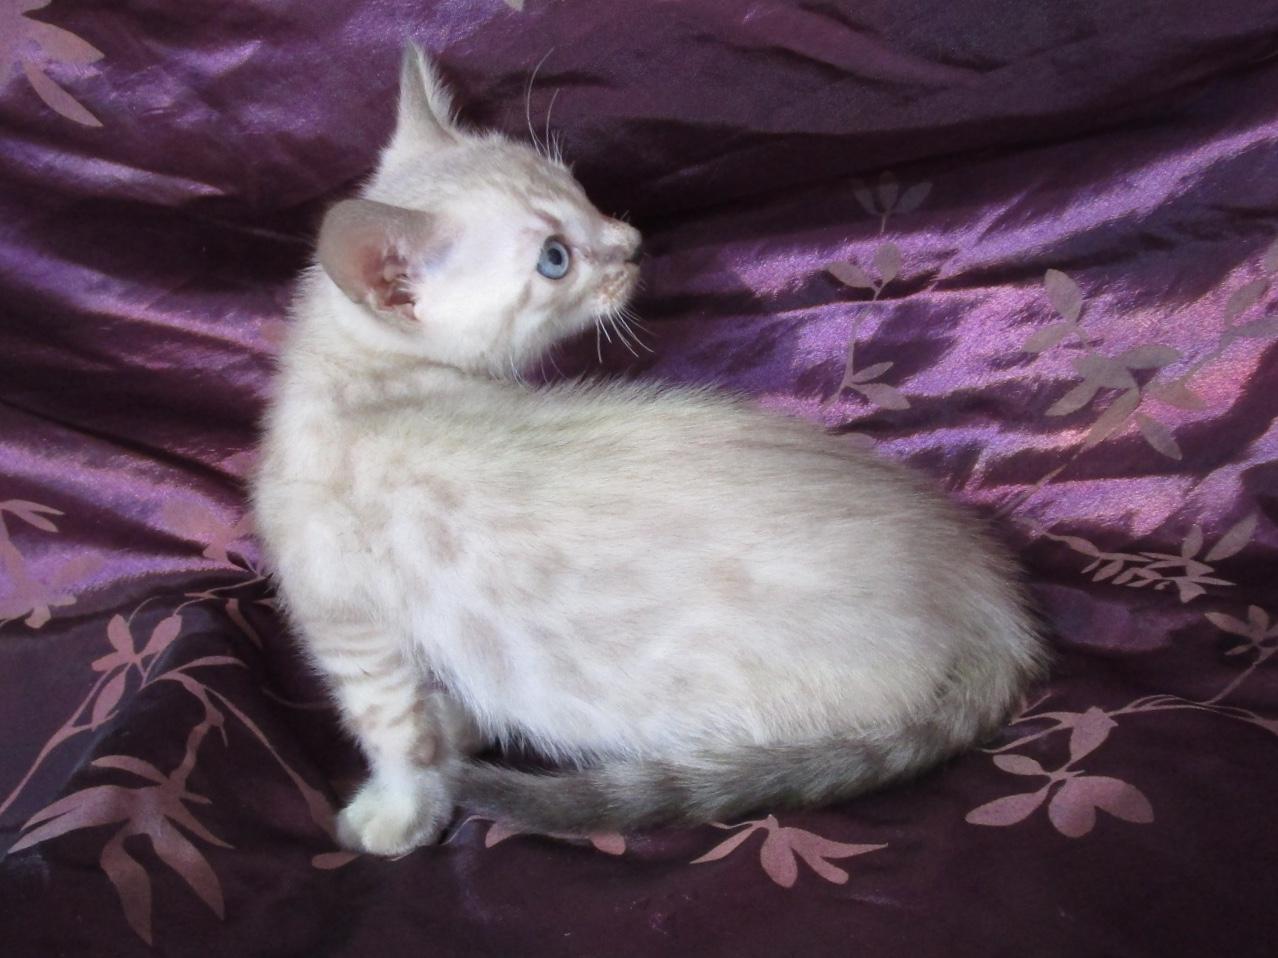 Mâle 3 - 5 semaines